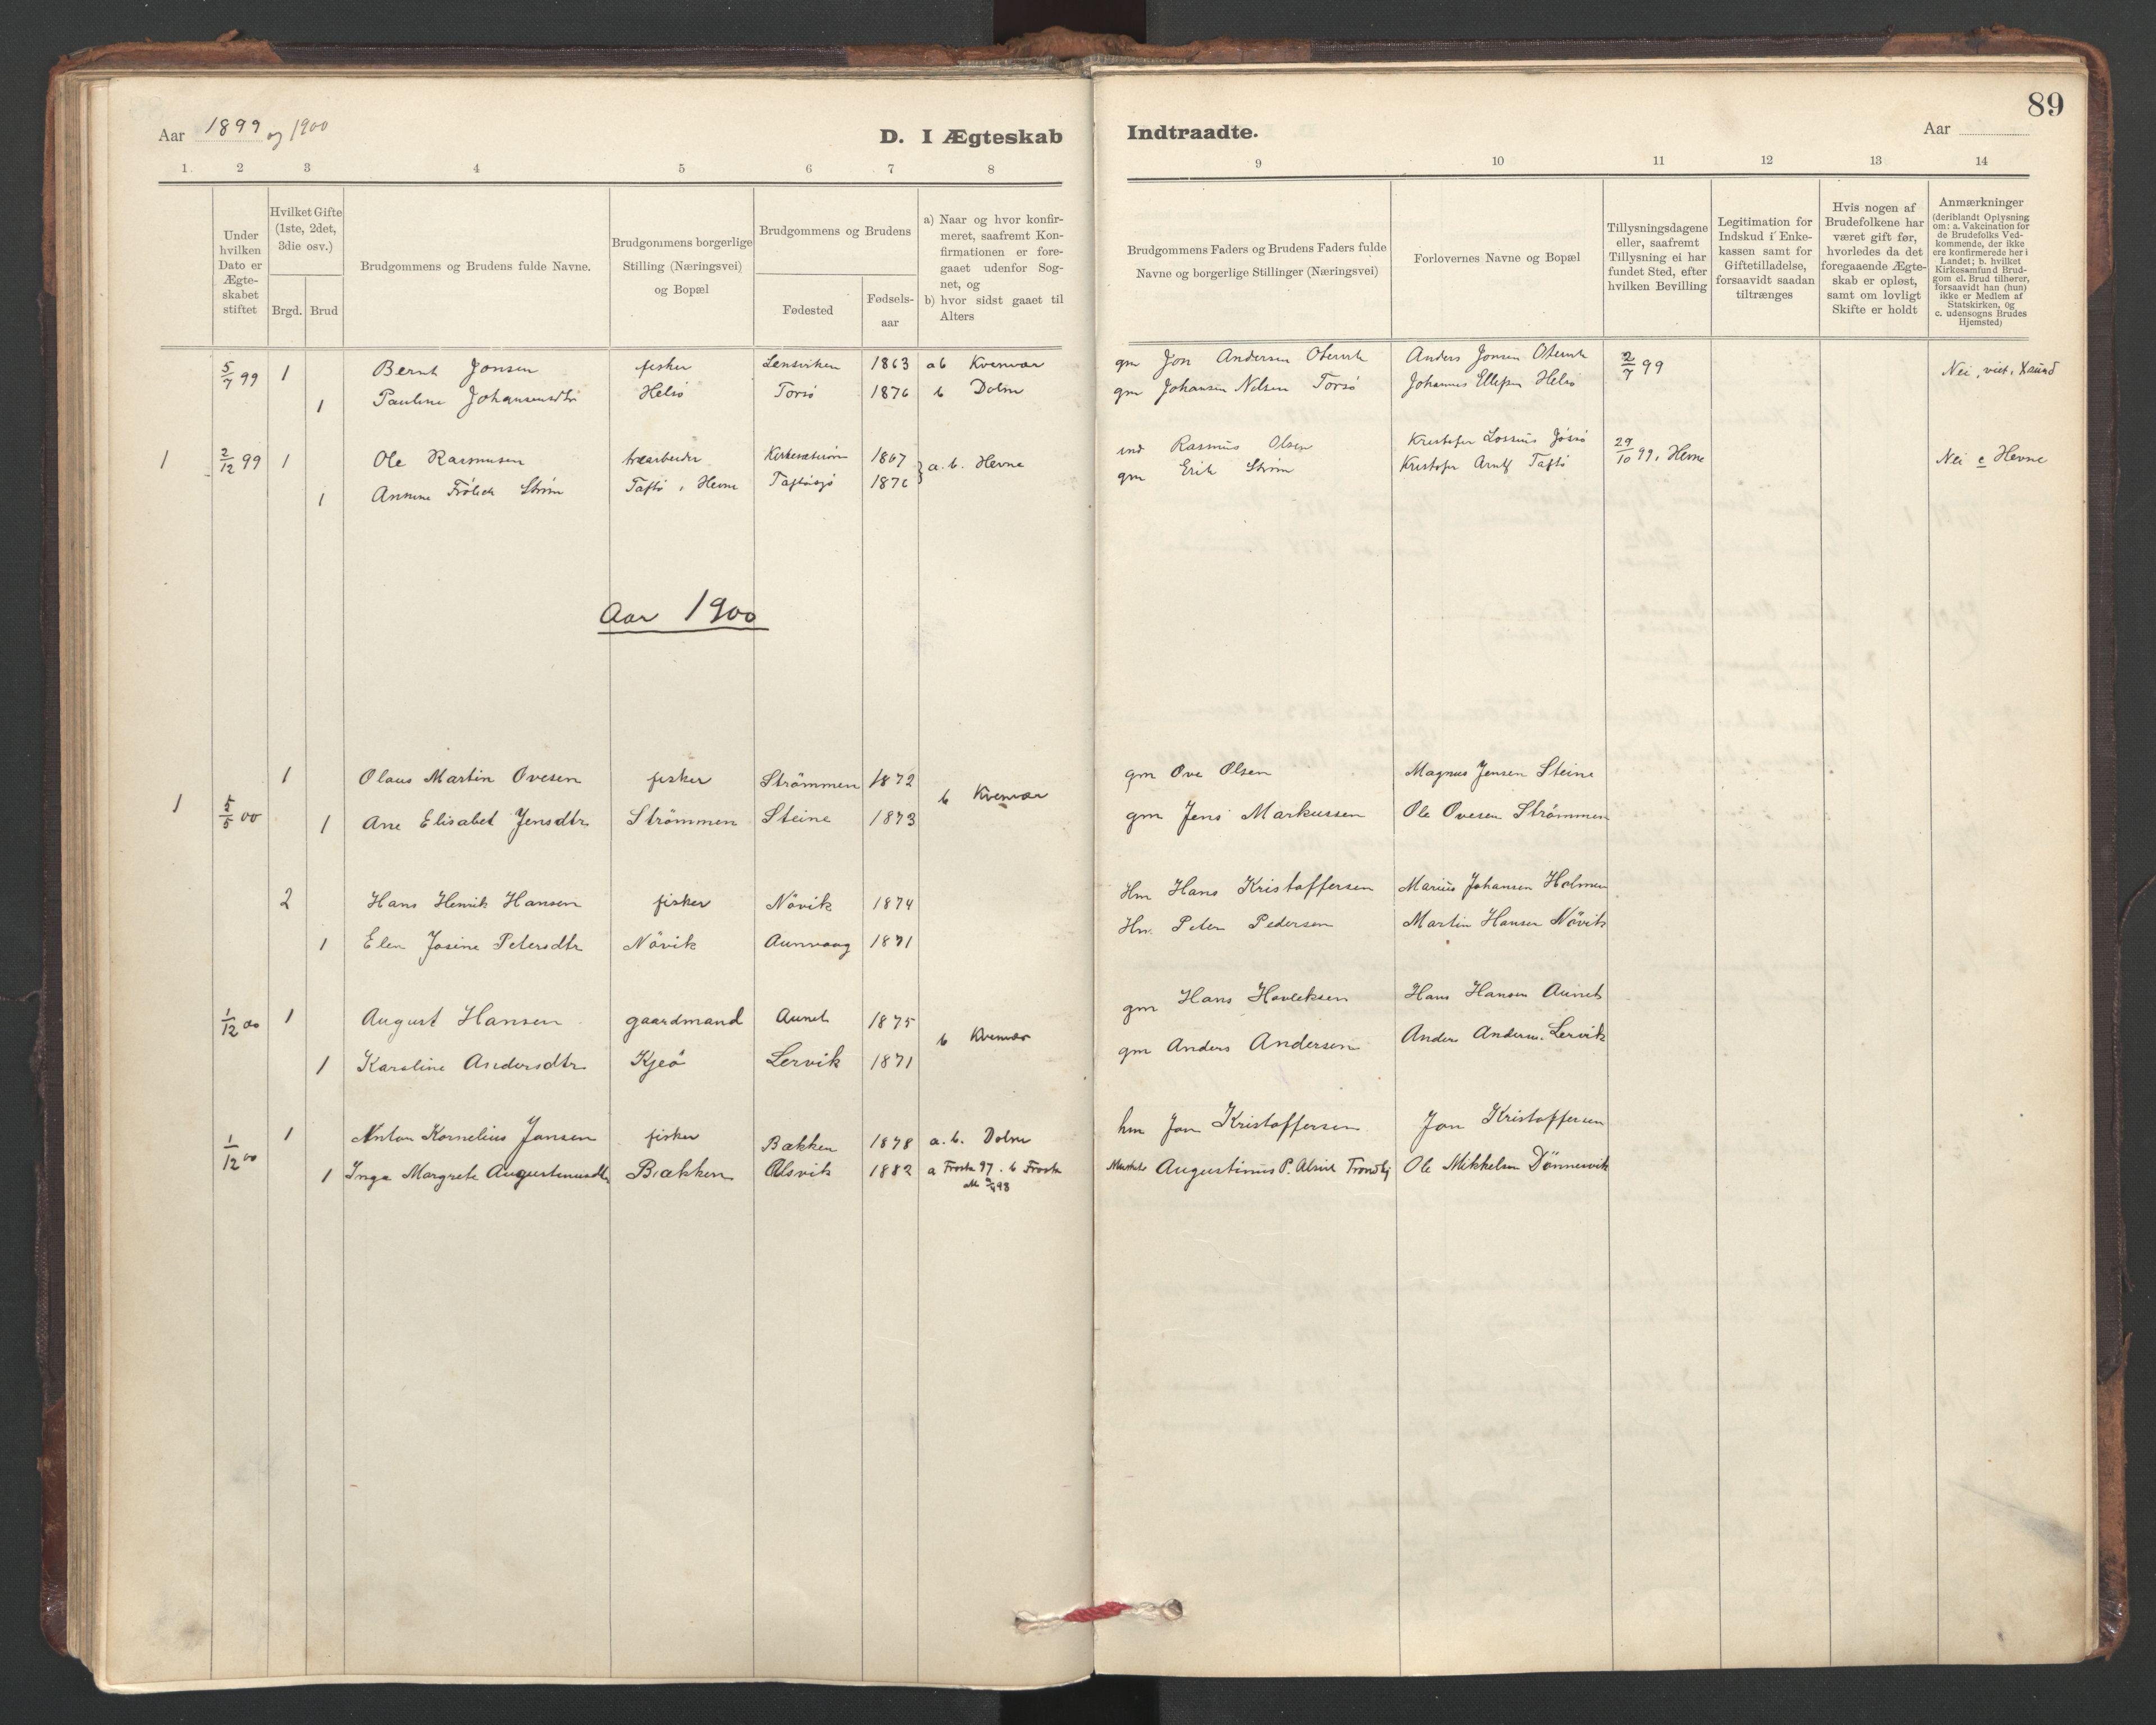 SAT, Ministerialprotokoller, klokkerbøker og fødselsregistre - Sør-Trøndelag, 635/L0552: Ministerialbok nr. 635A02, 1899-1919, s. 89